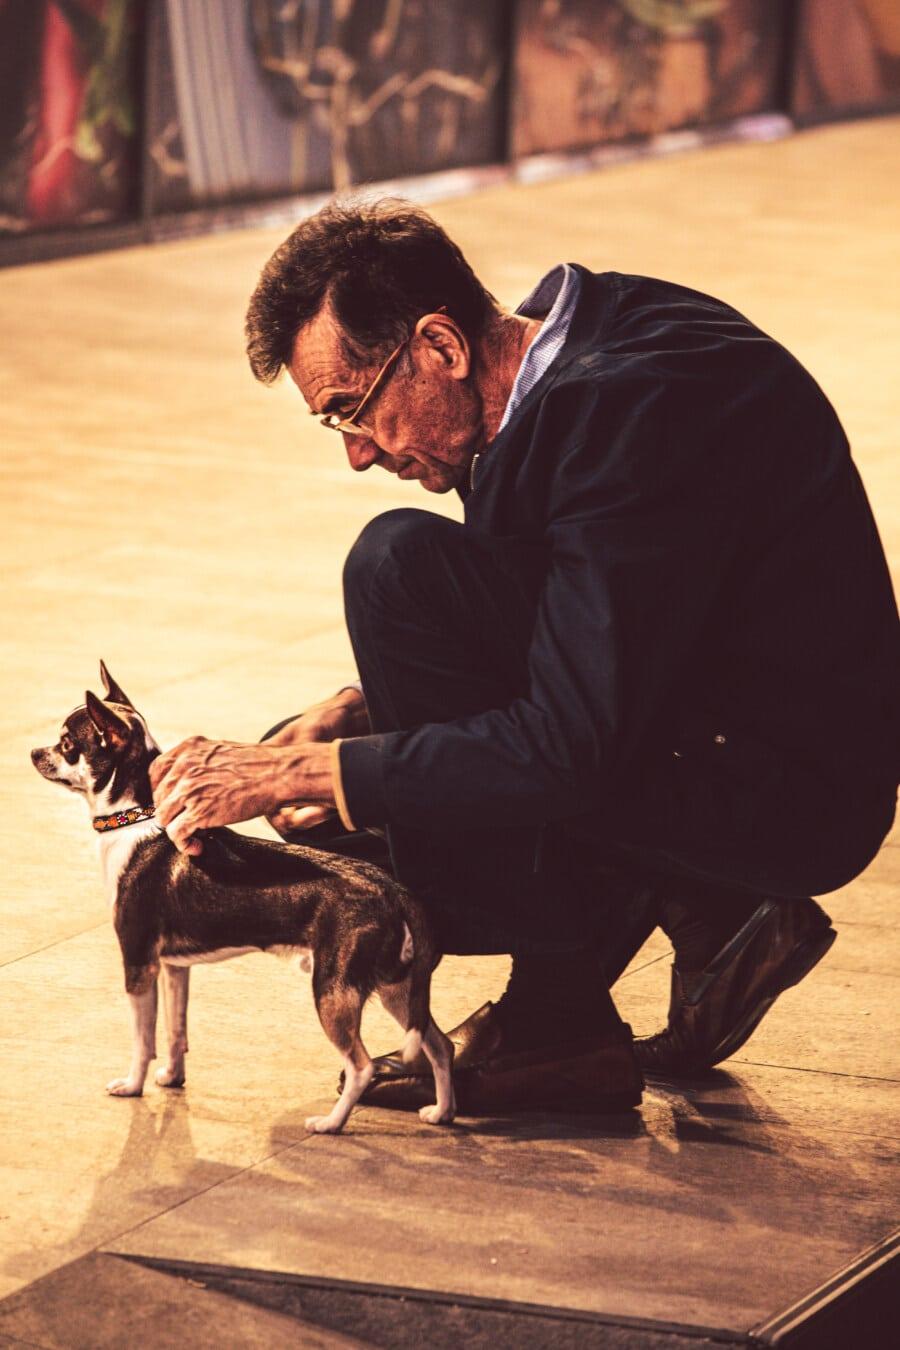 elderly, man, businessman, pinscher, pet, dog, canine, portrait, street, animal